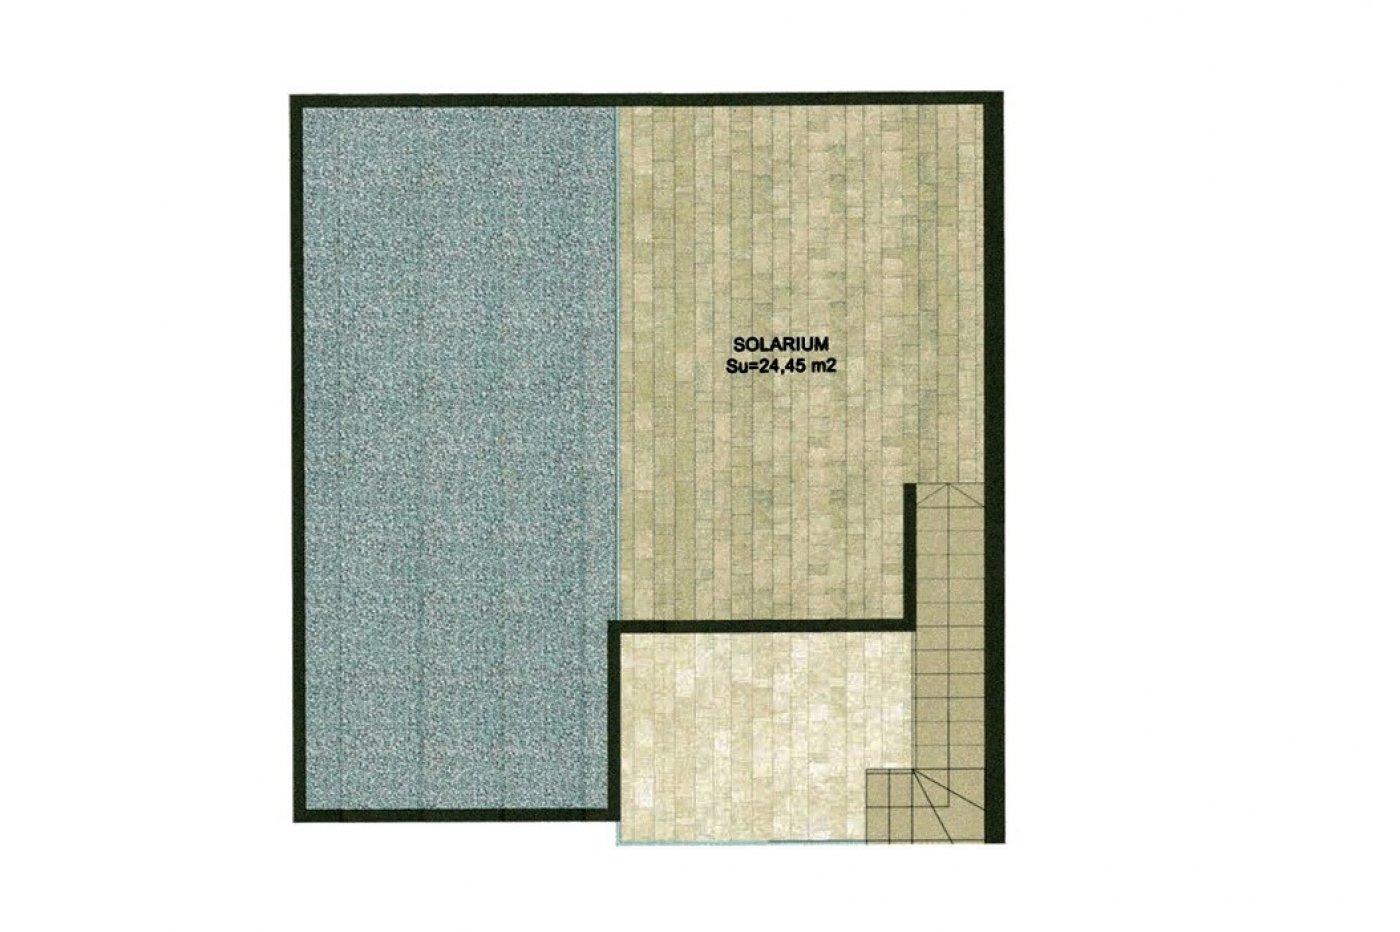 Gallery Image 20 of Nuevo apartamento listo en la planta superior de 2 dormitorios a solo 2 minutos a pie de las playas,